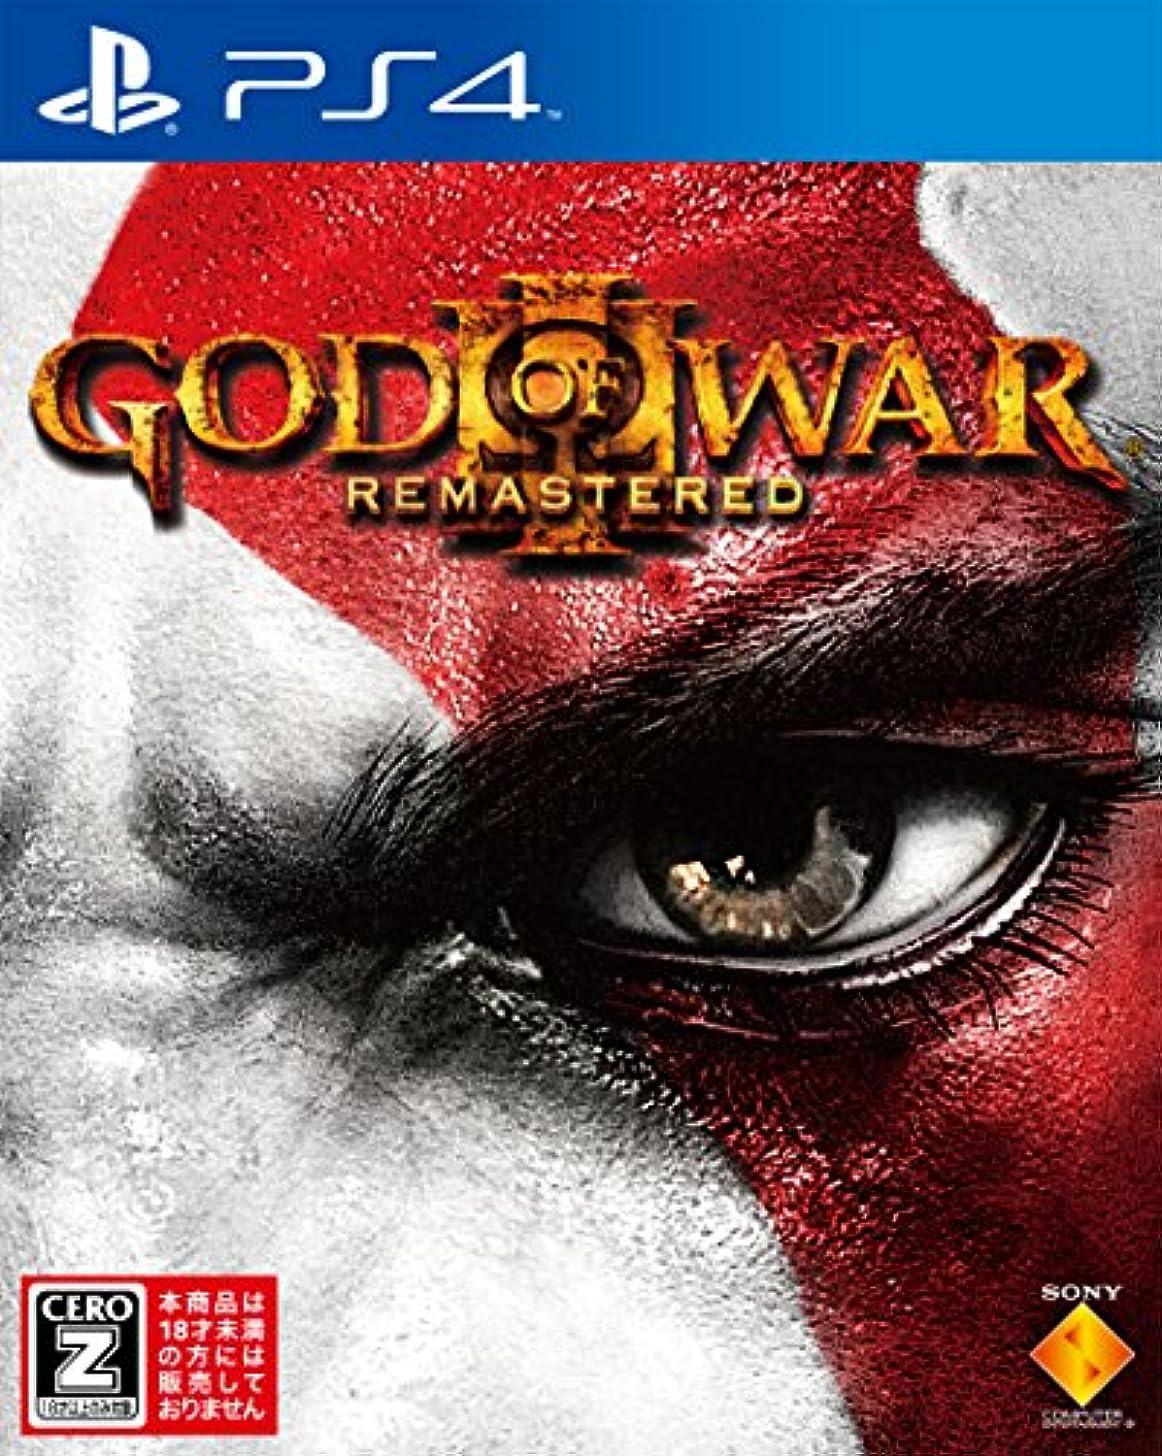 運河差別的配偶者GOD OF WAR III Remastered 【CEROレーティング「Z」】 - PS4